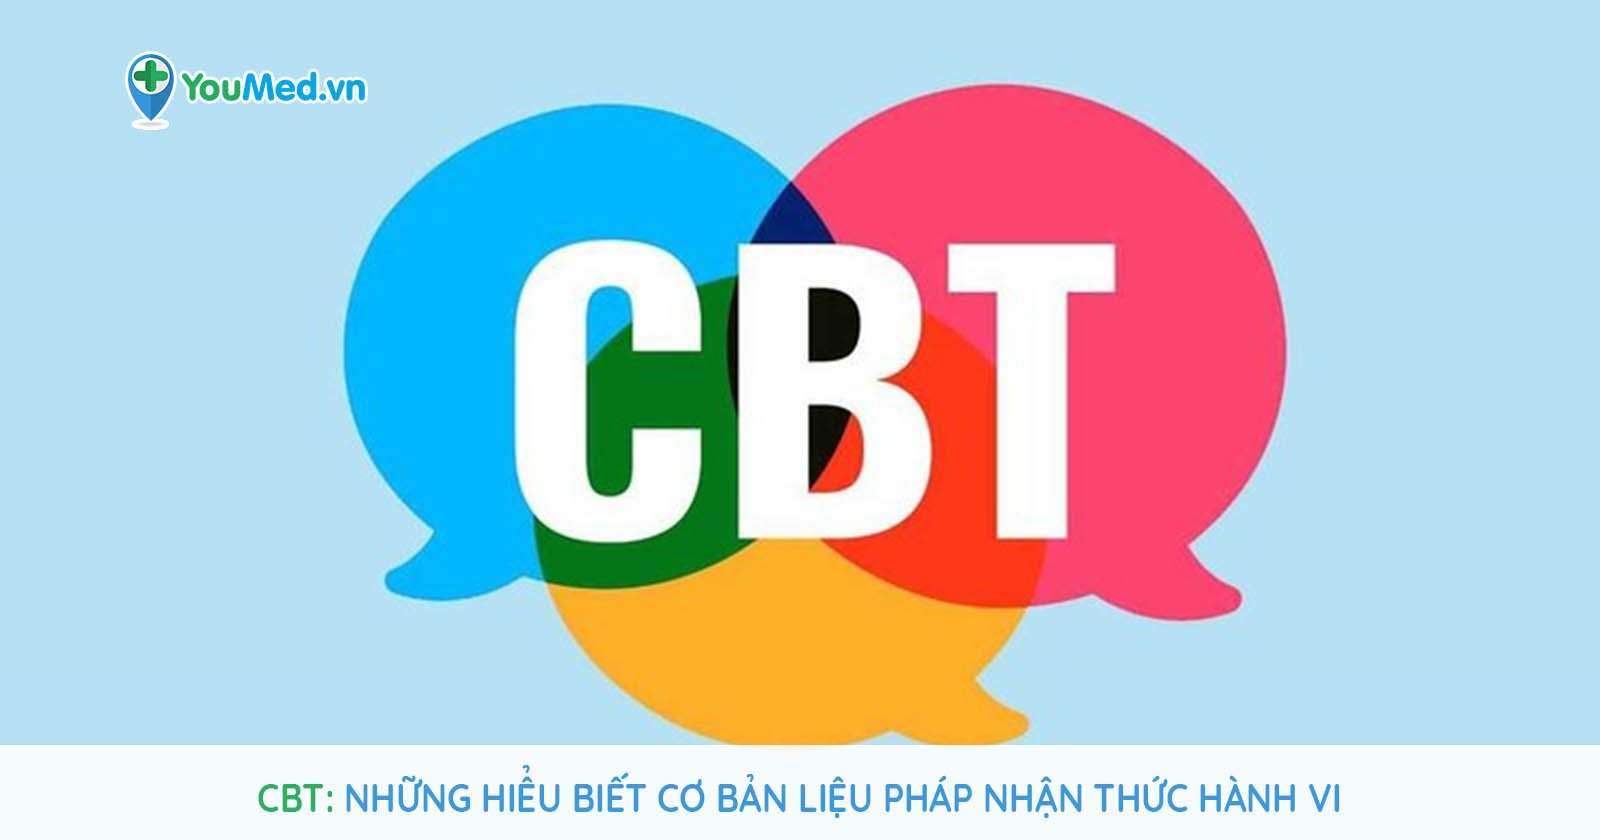 CBT: Những hiểu biết cơ bản liệu pháp nhận thức hành vi